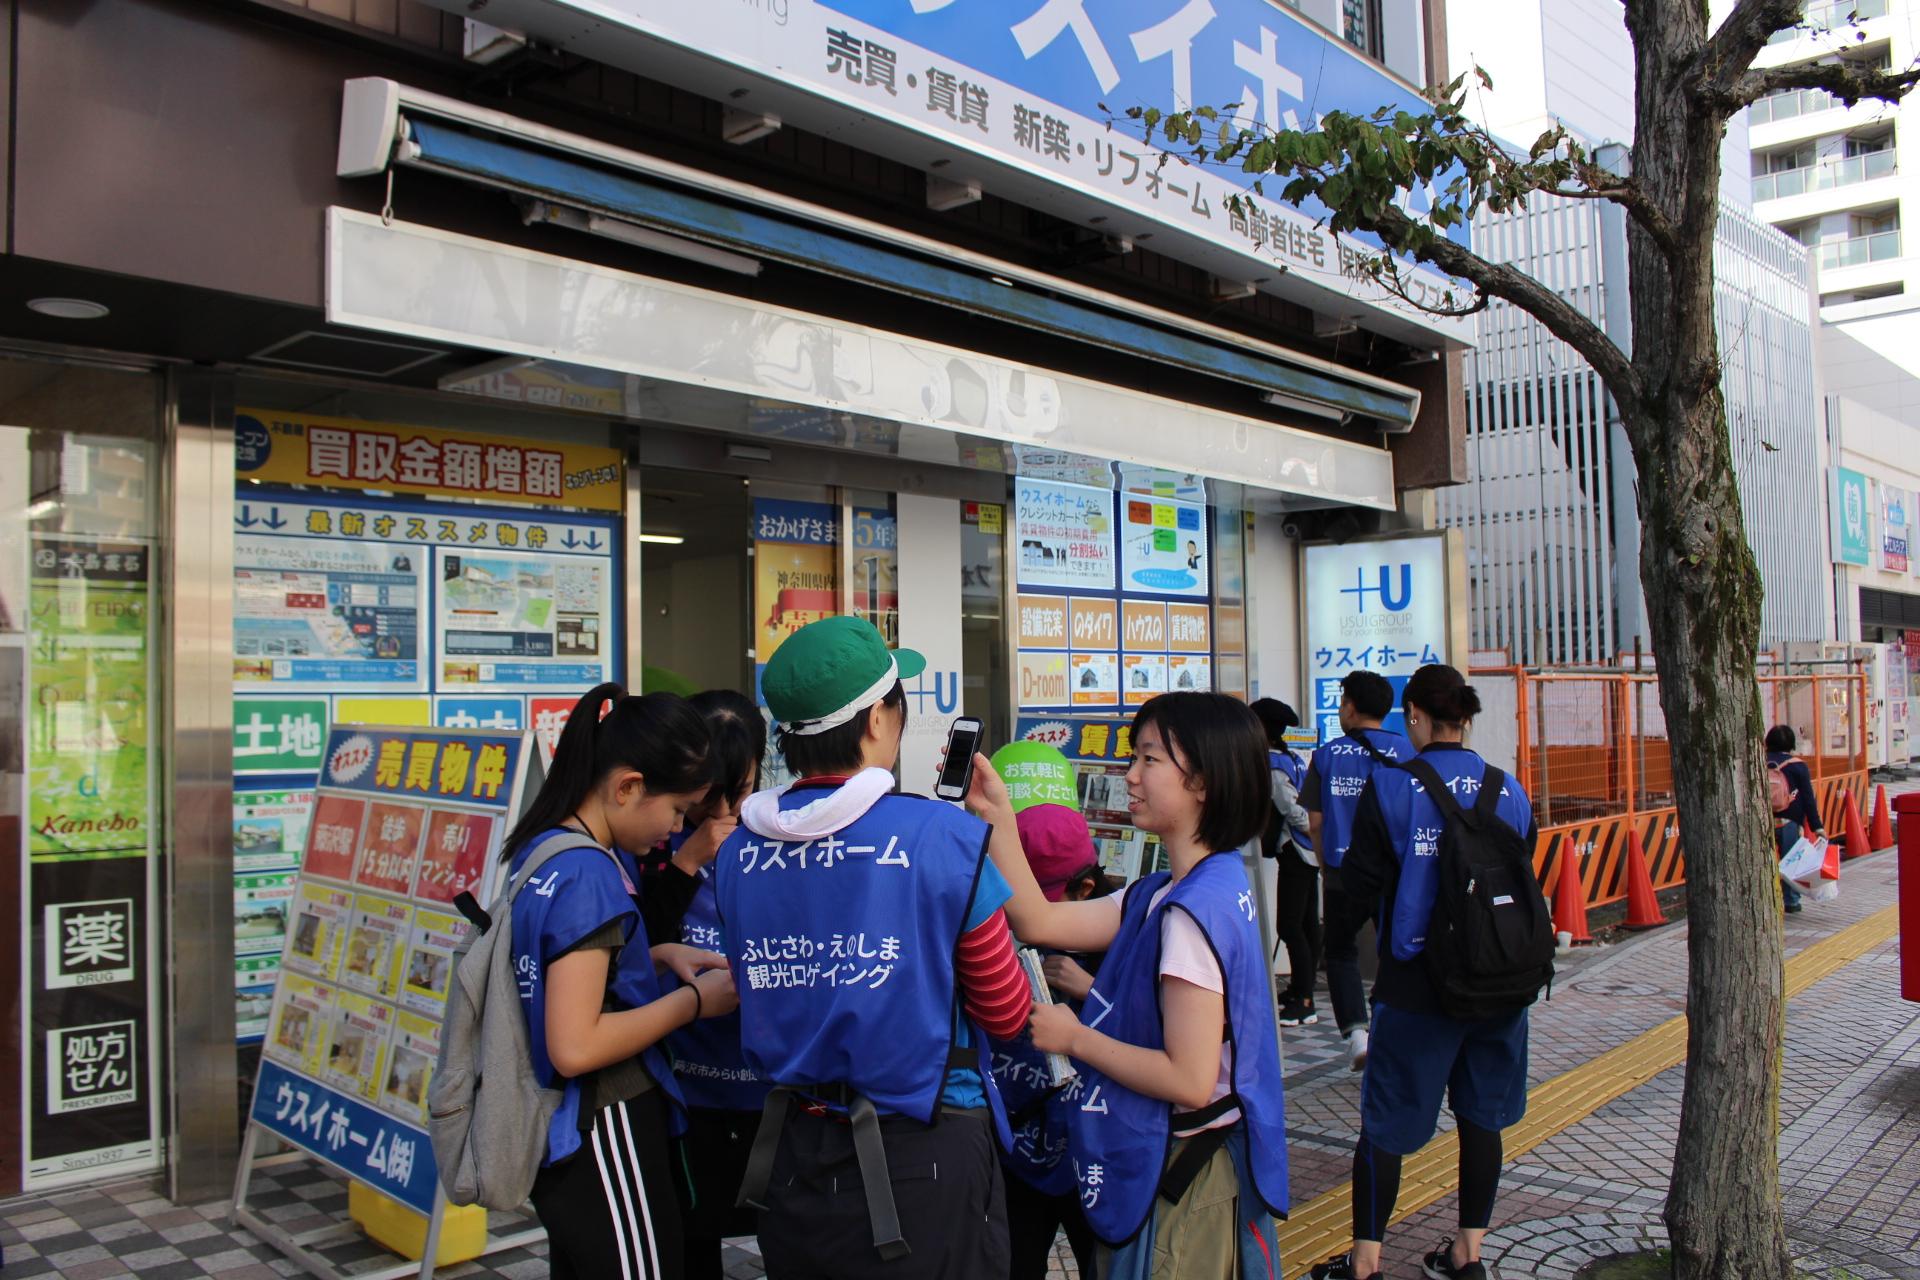 20191104_第3回ふじさわ・えのしま観光ロゲイニング大会 (94)